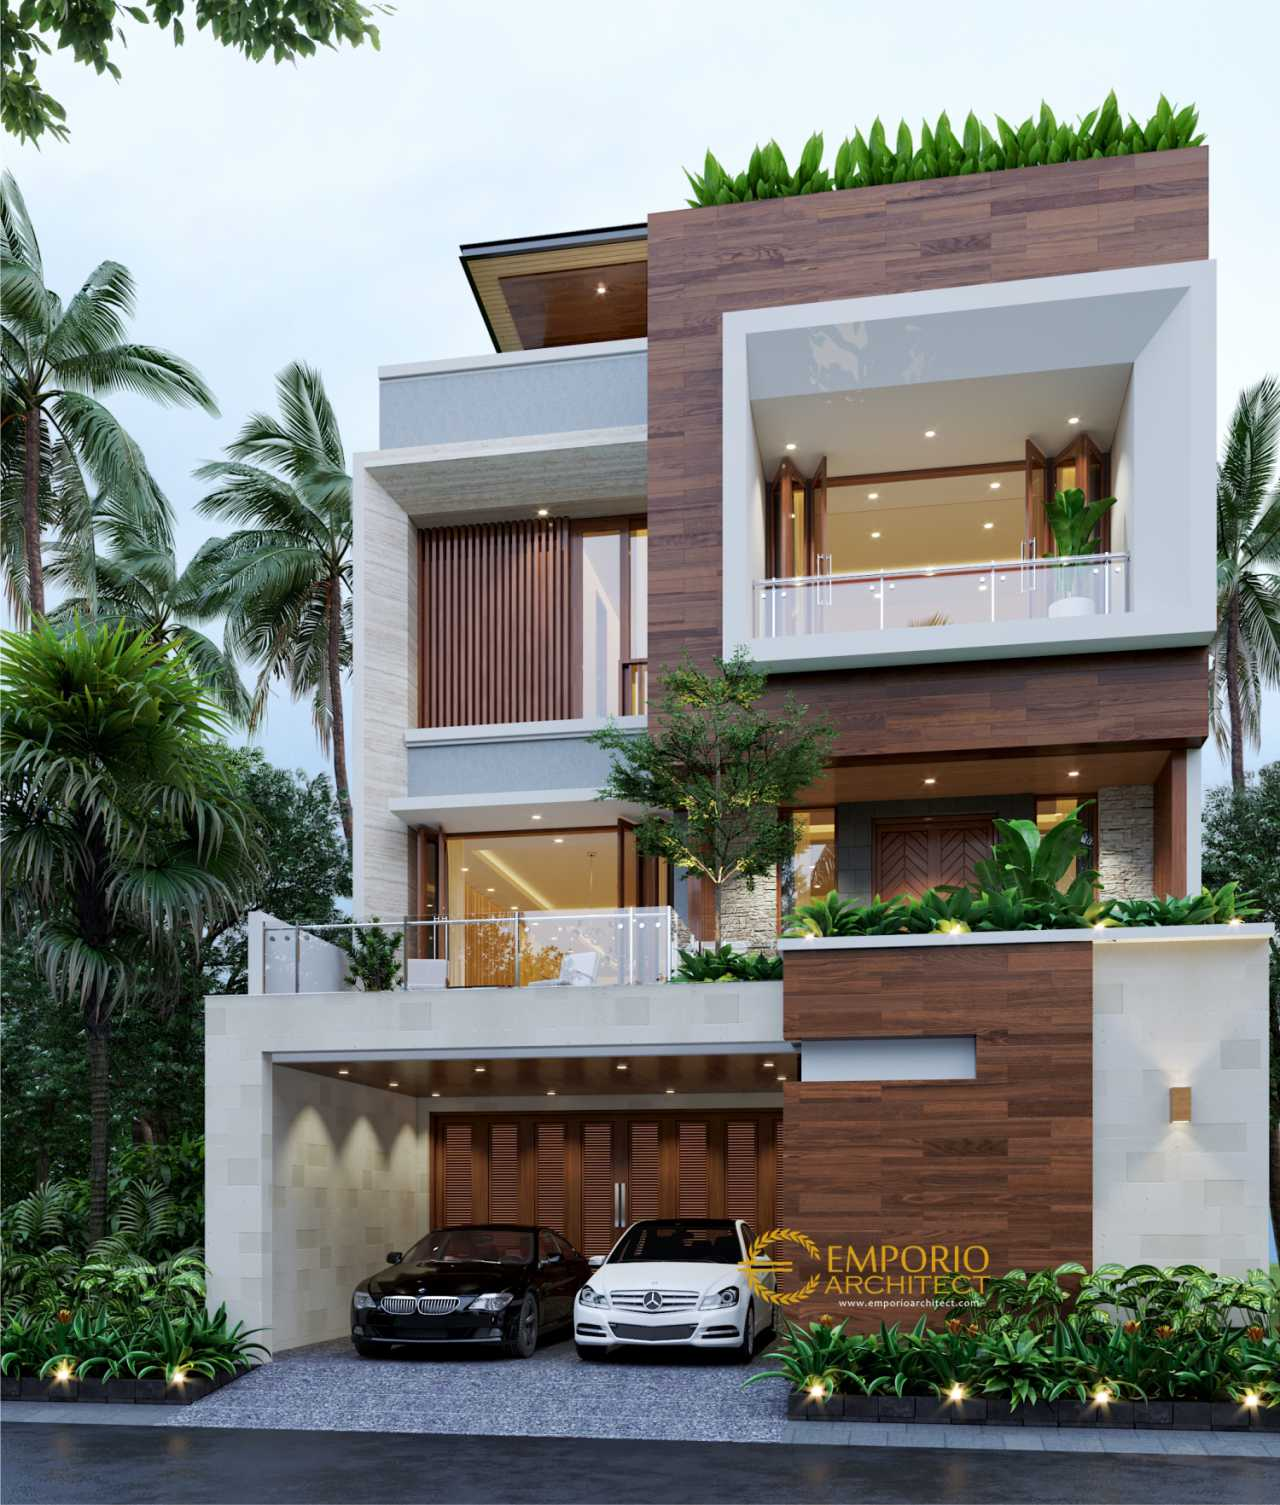 Bidang Jasa Konstruksi Dan Desain: 5 Desain Rumah Modern Tropis Terbaik Dengan Lebar Lahan